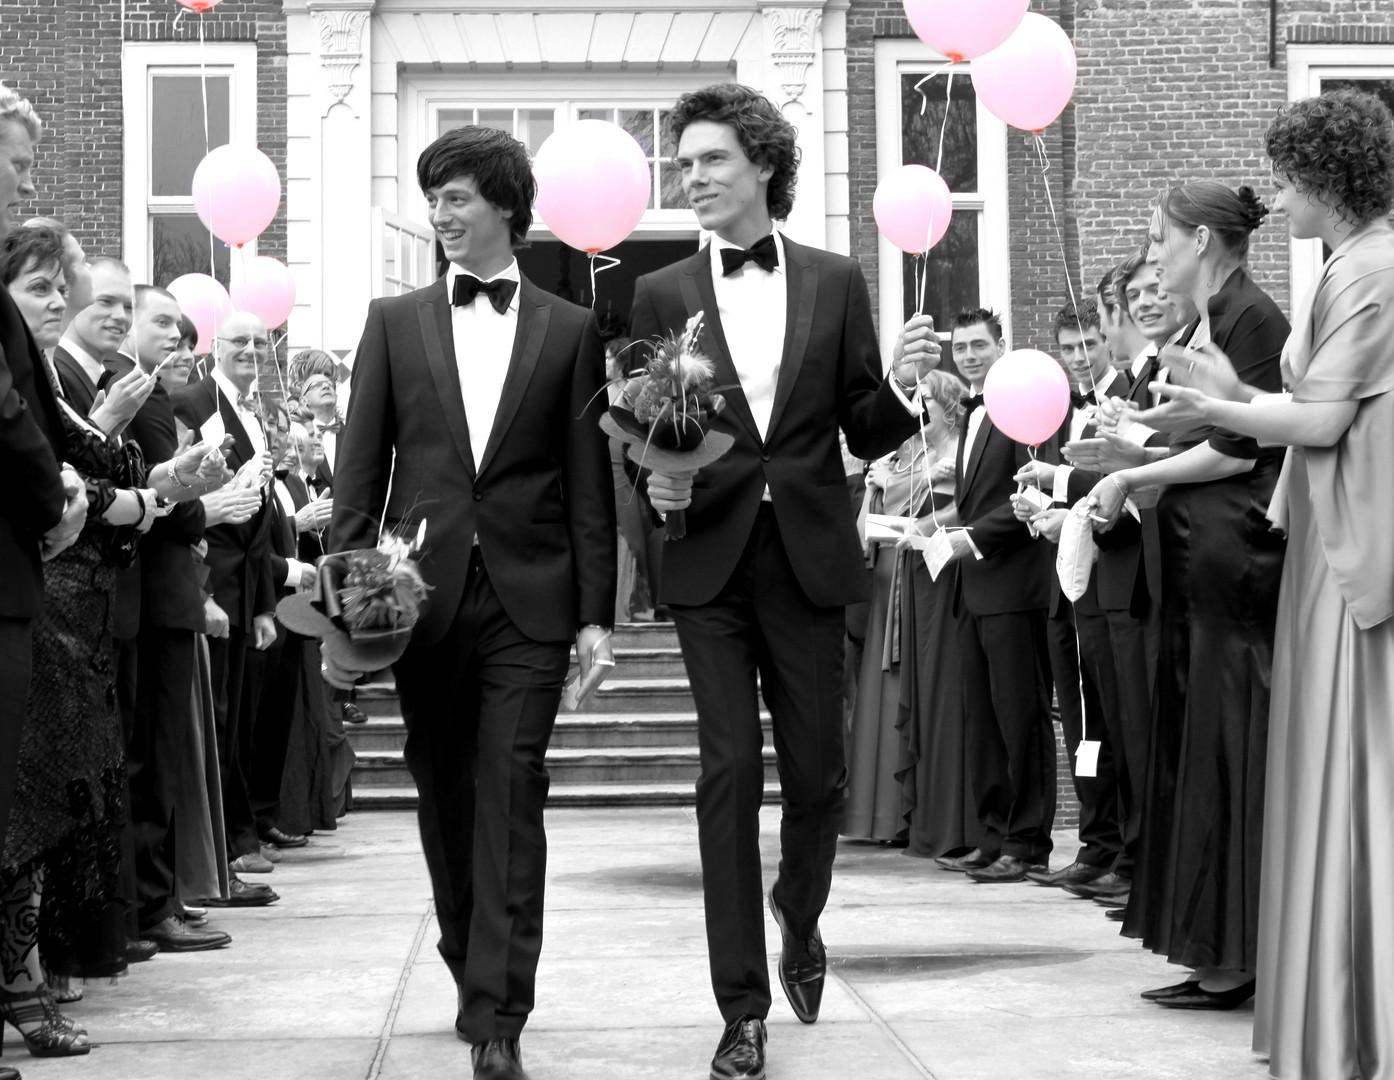 bruiloft 8-5-2010 170trouwalbum.jpg